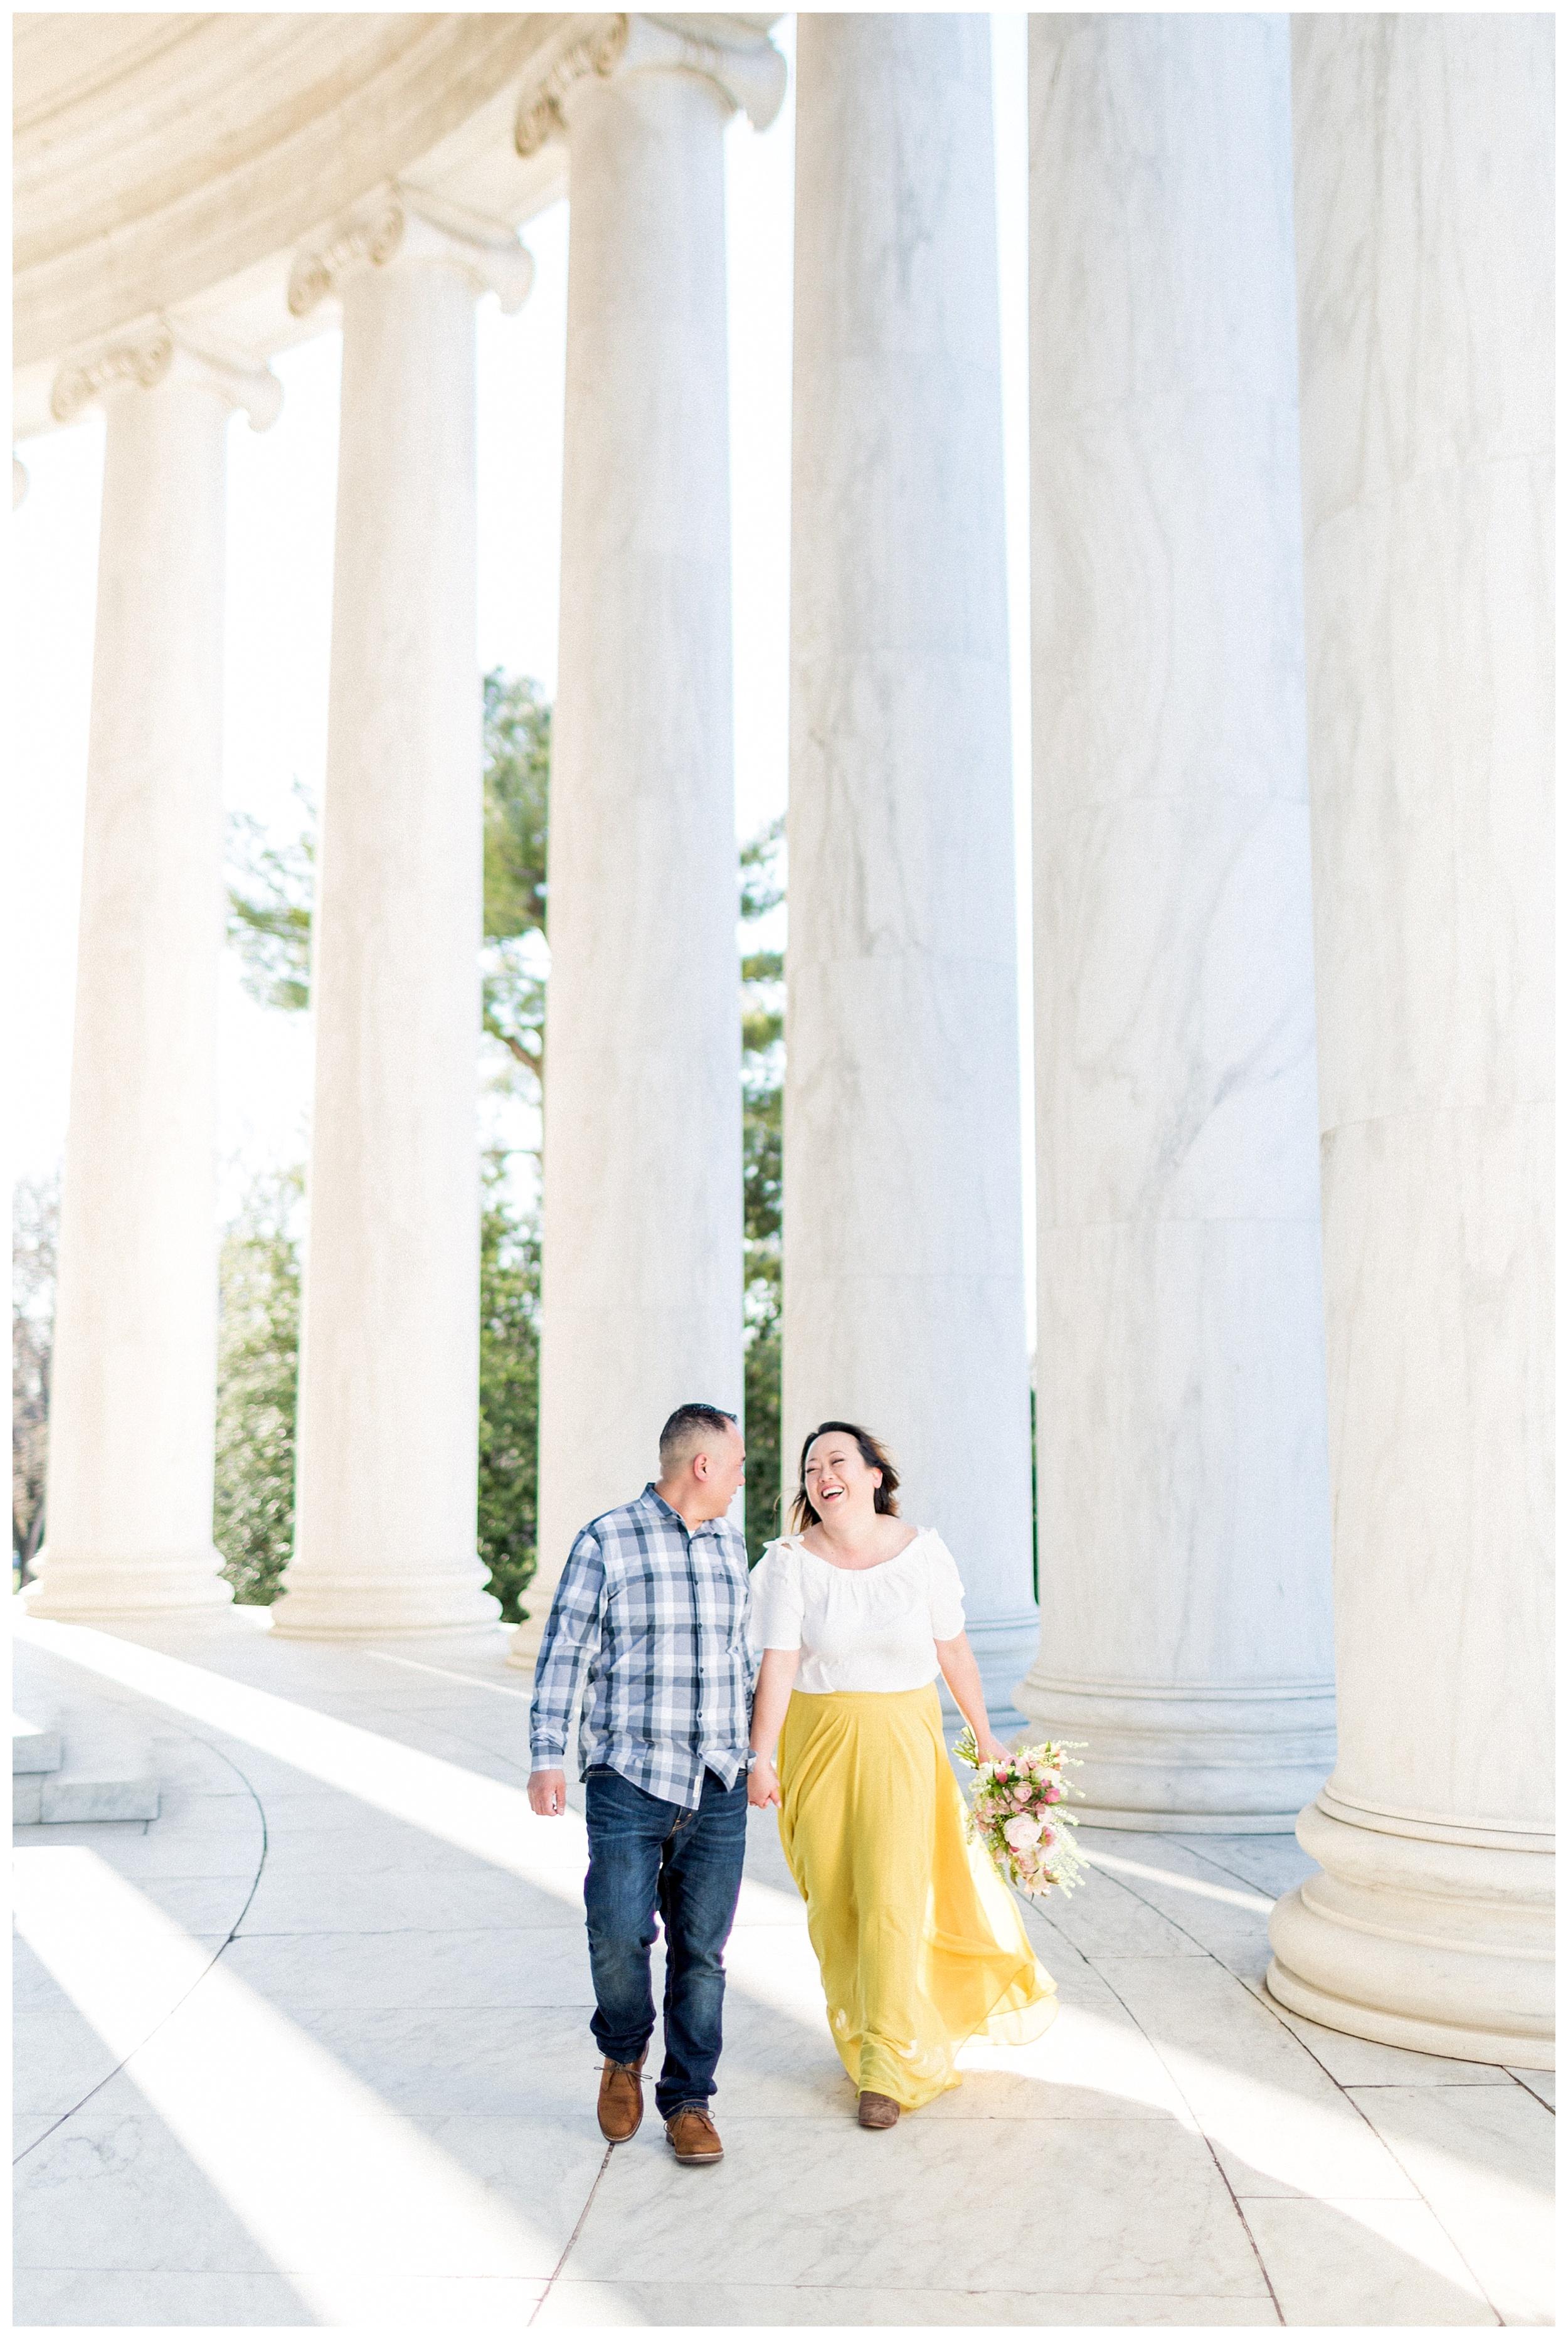 Washington DC Engagement Photos | Thomas Jefferson Engagement Session_0034.jpg